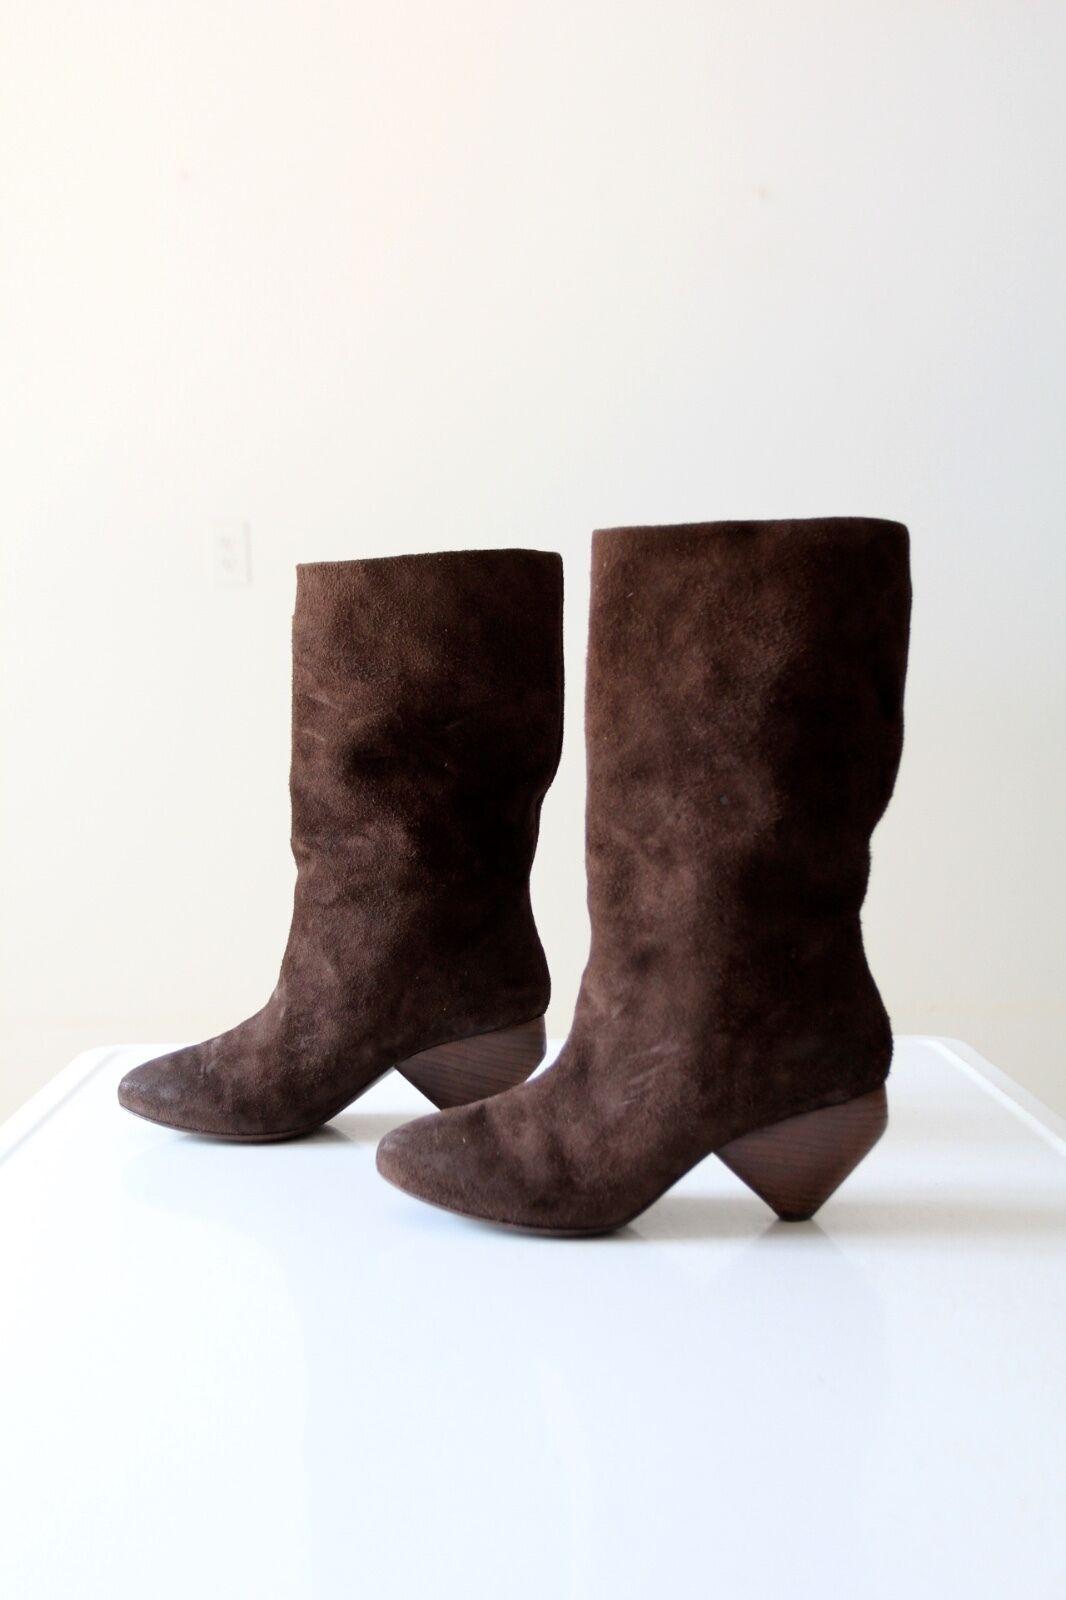 Marsell slouch Stiefel braun heel suede high heel braun Stiefel Größe 7.5 41908e